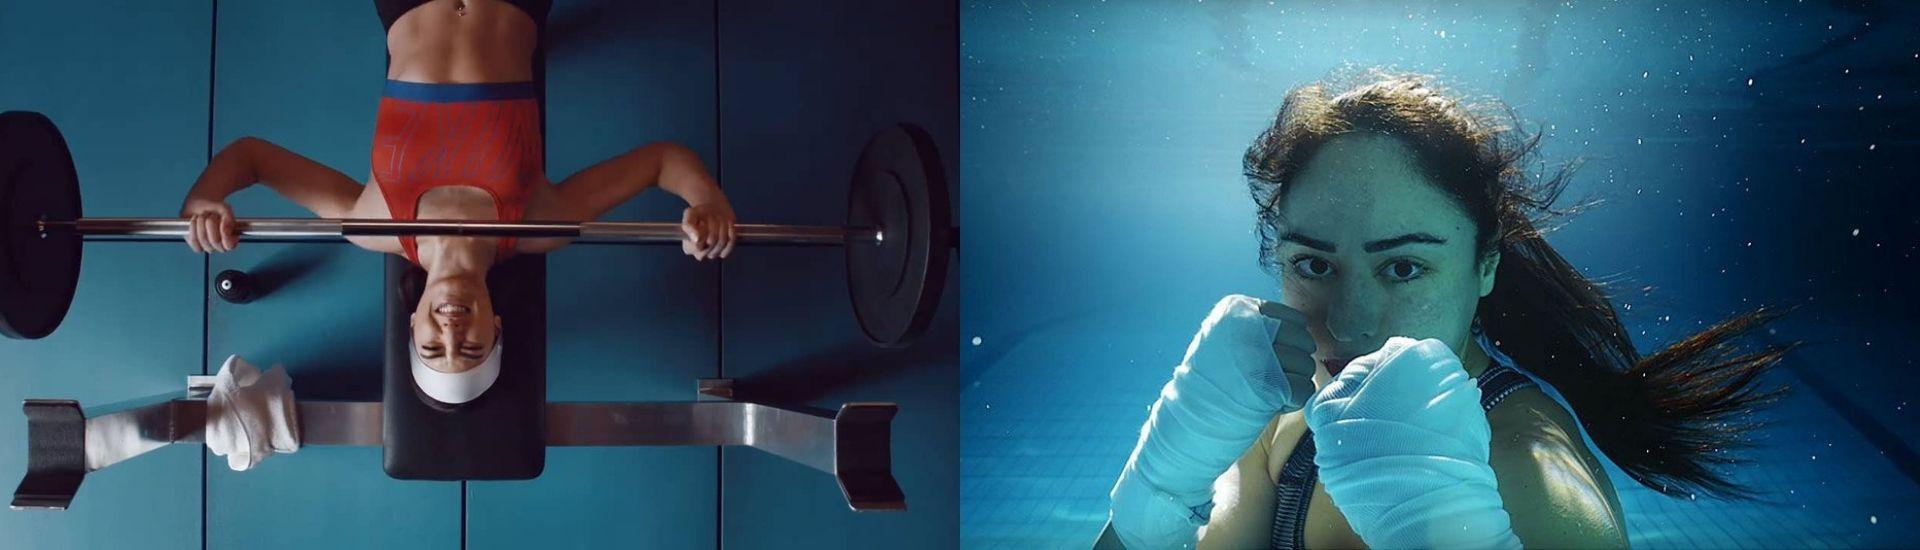 Dos fotogramas de los comerciales de Nike